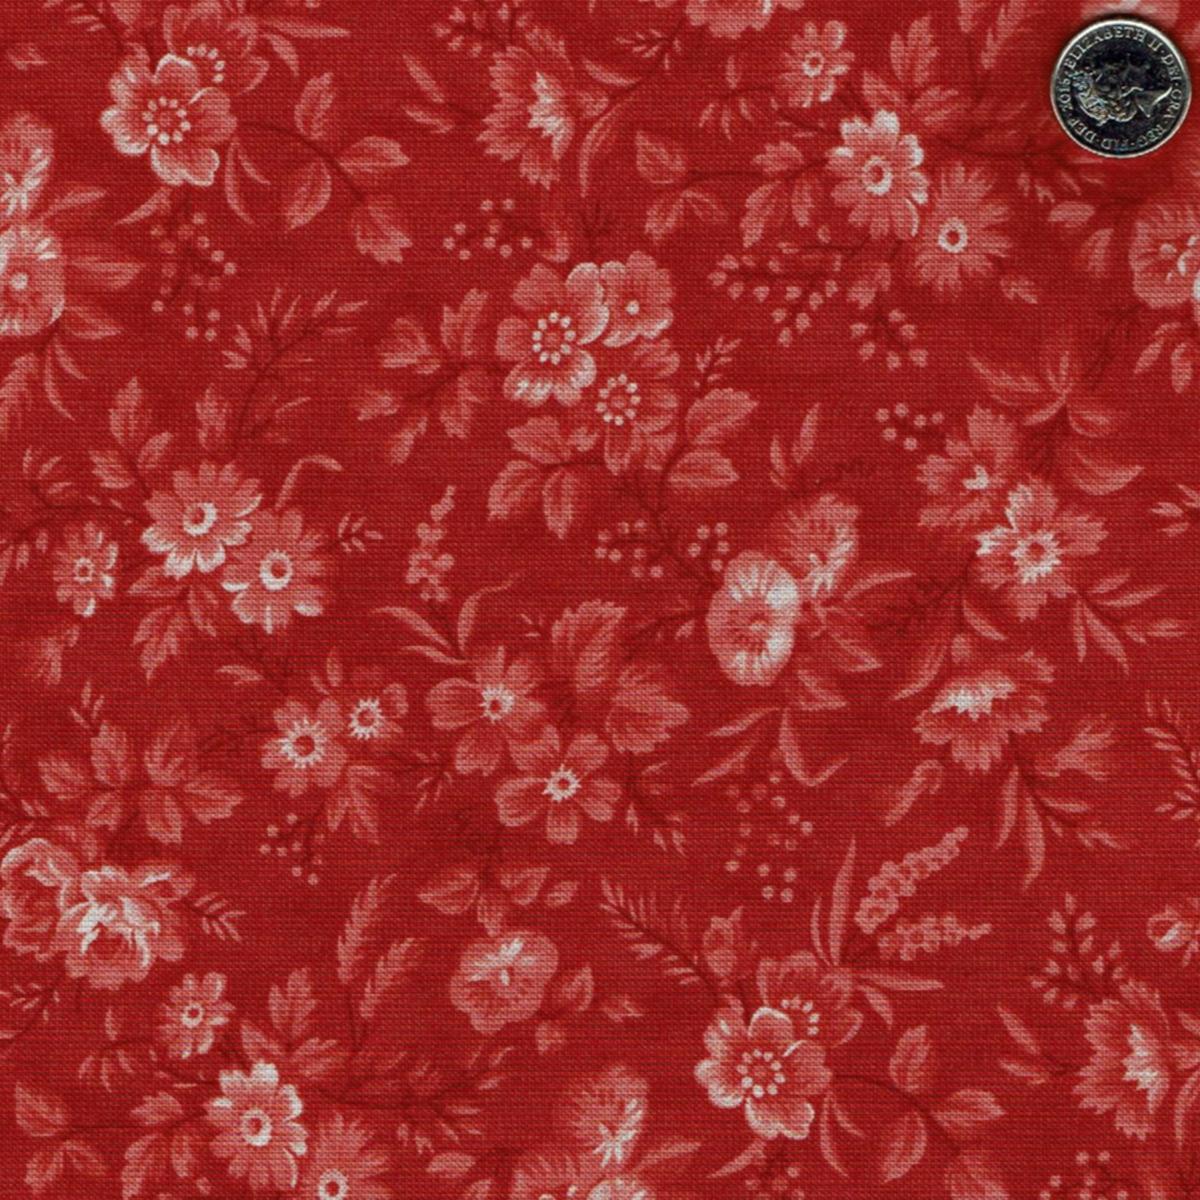 Snowberry 44142 - 17